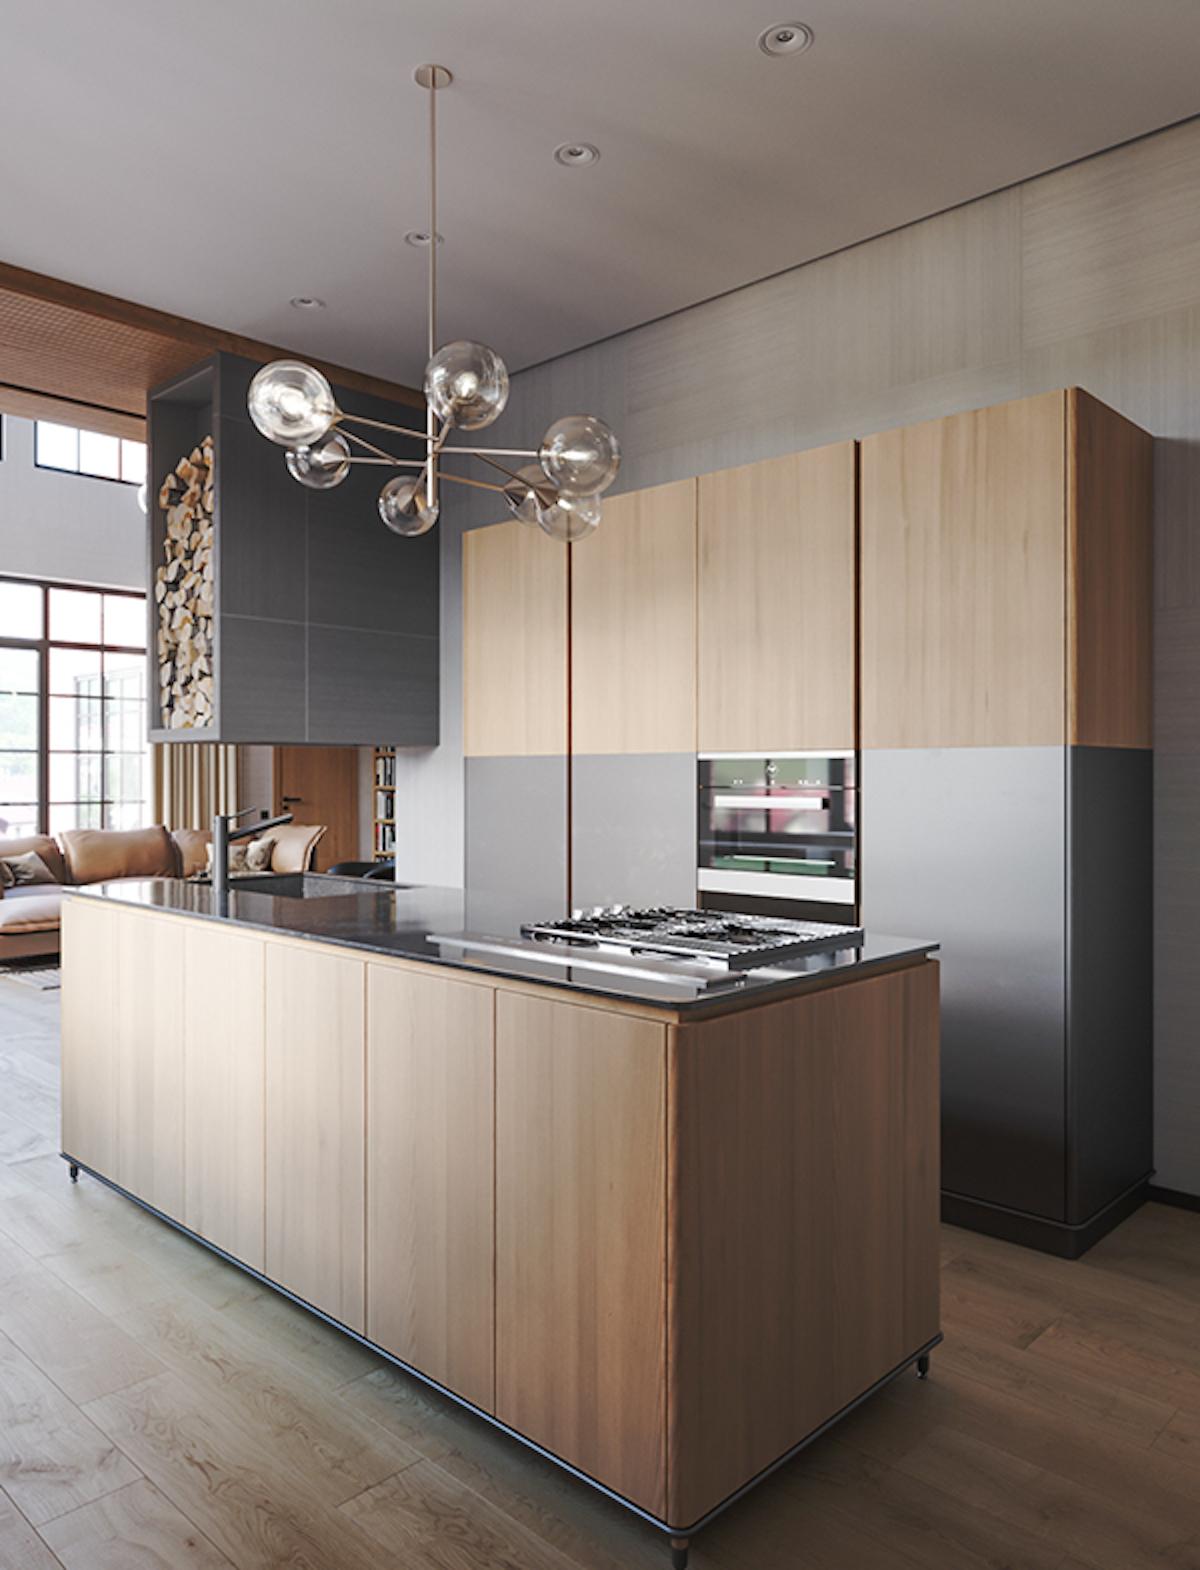 cuisine moderne chalet épuré grise mat bois chêne naturel massif